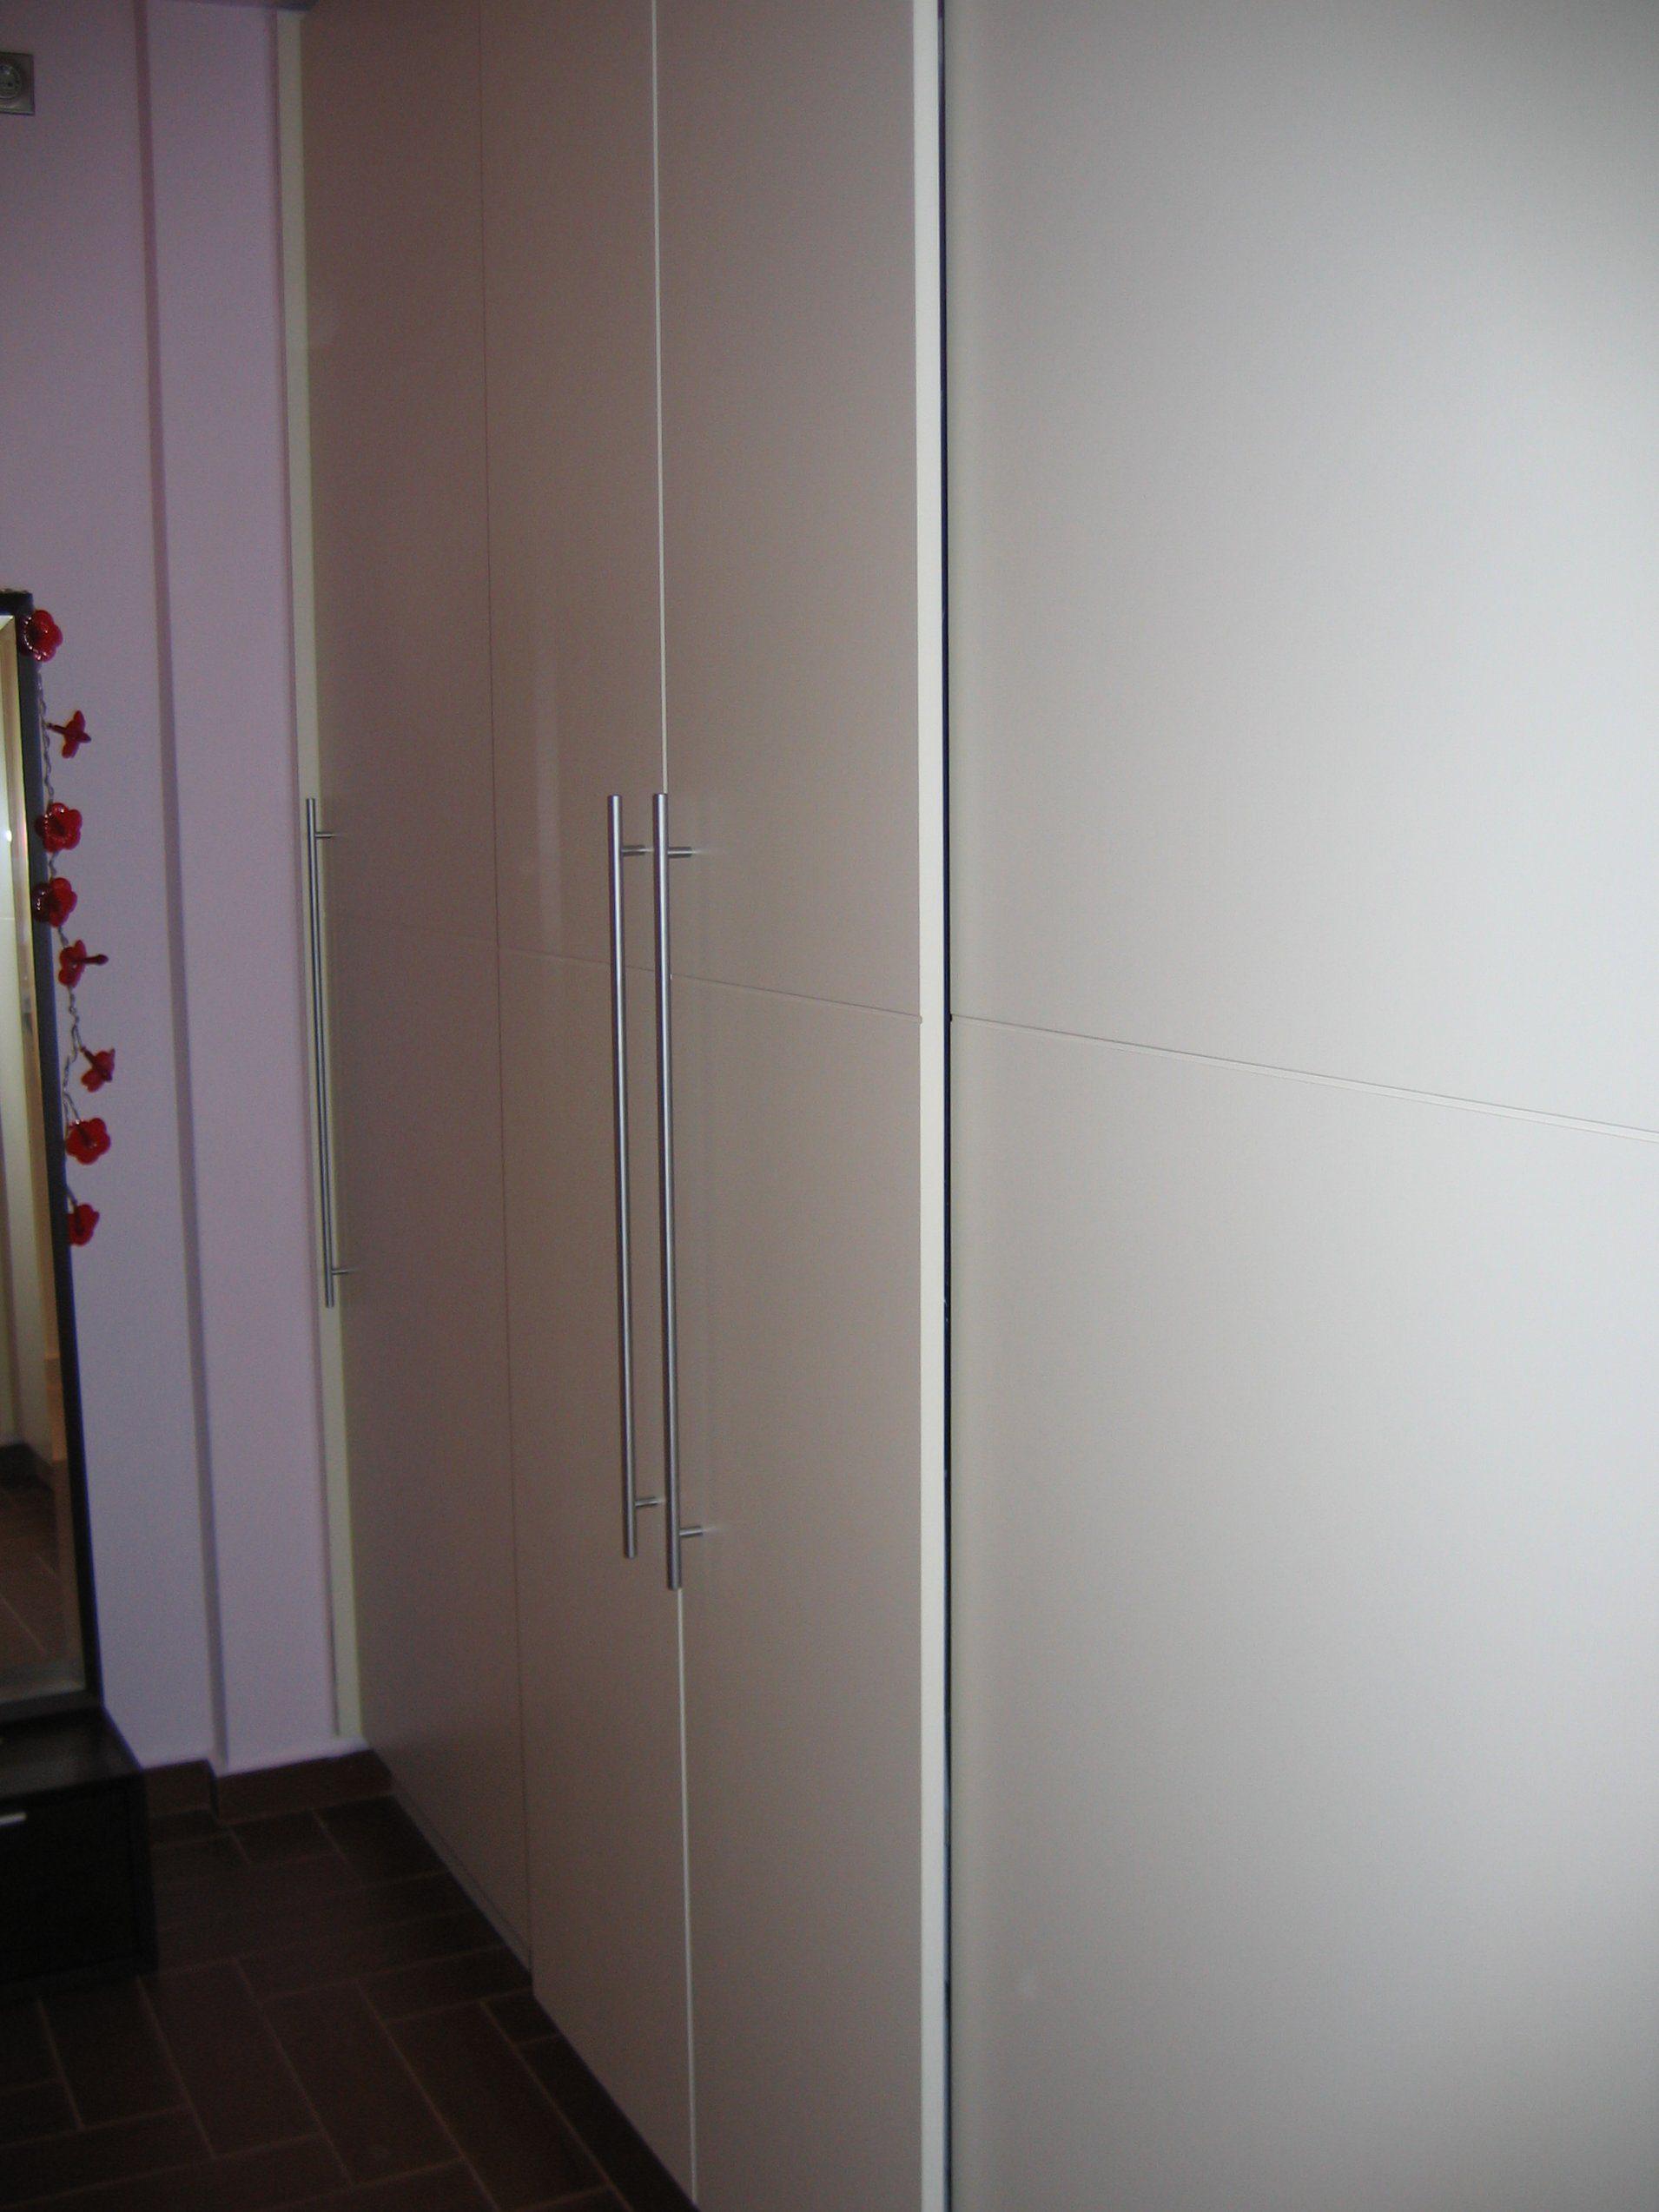 Λακαριστή ντουλάπα με συρόμενες πόρτες για χώρους με δύσκολη πρόσβαση.